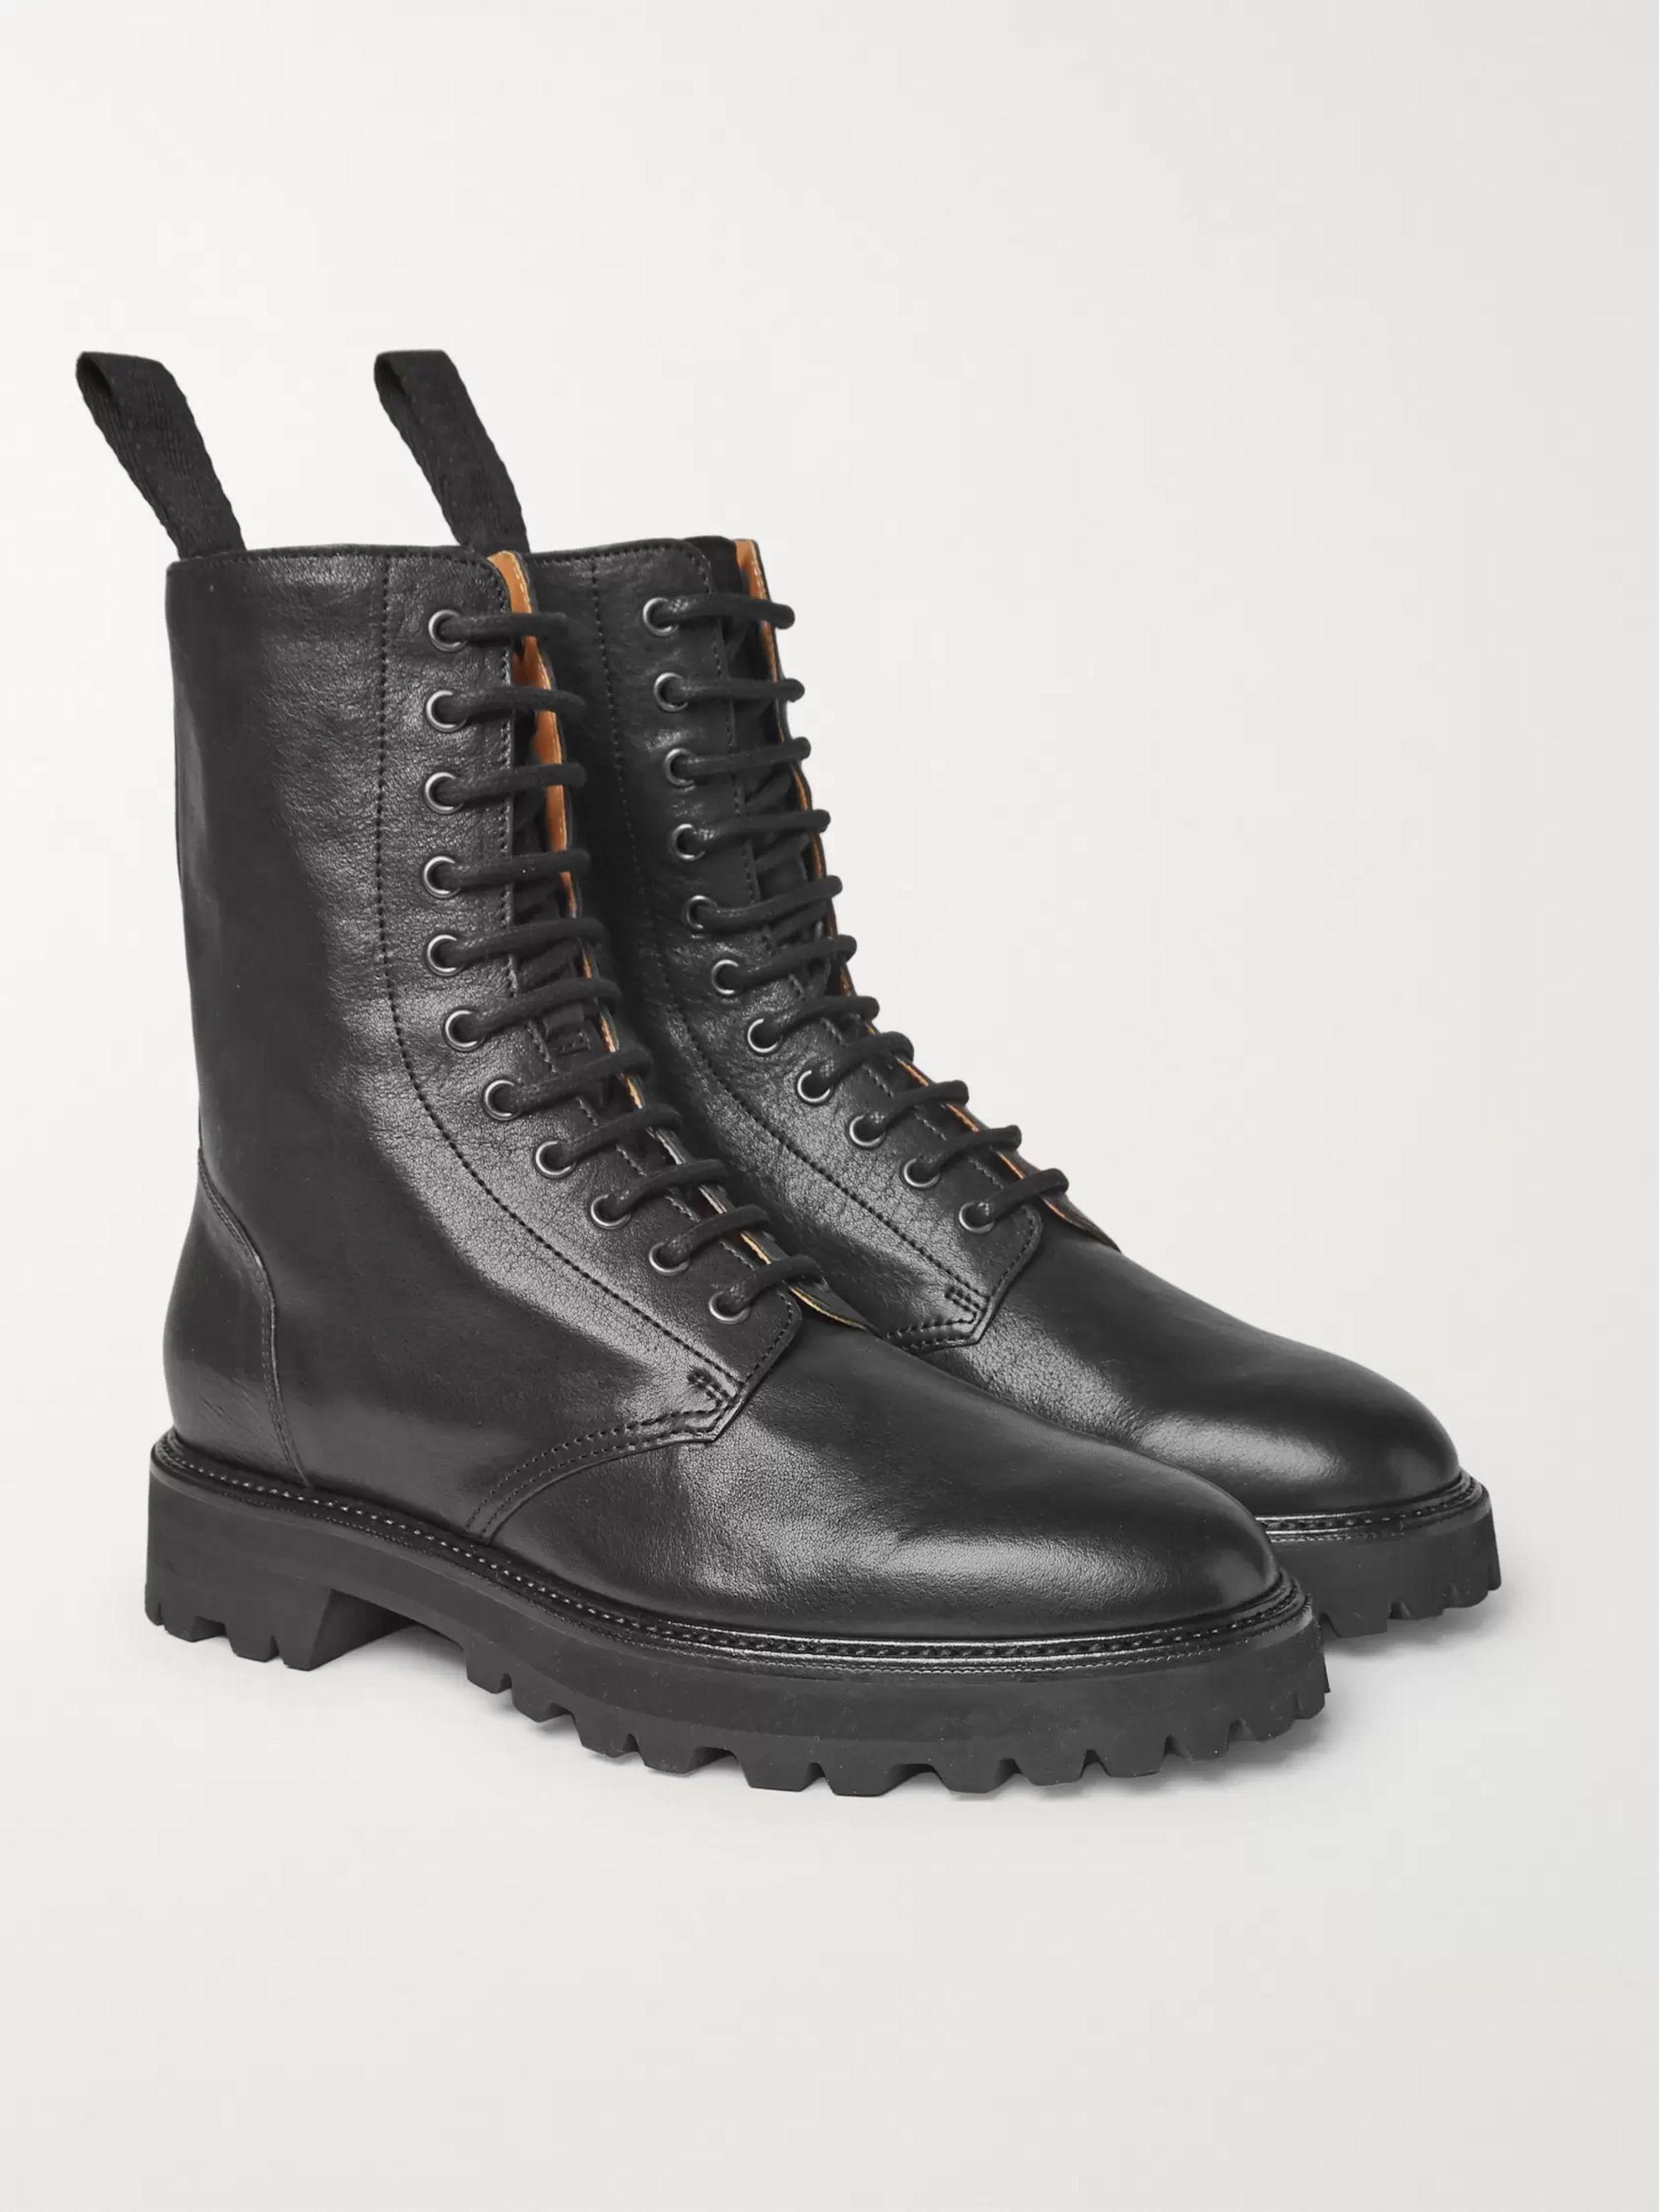 Maison Margiela Combat Boots Men